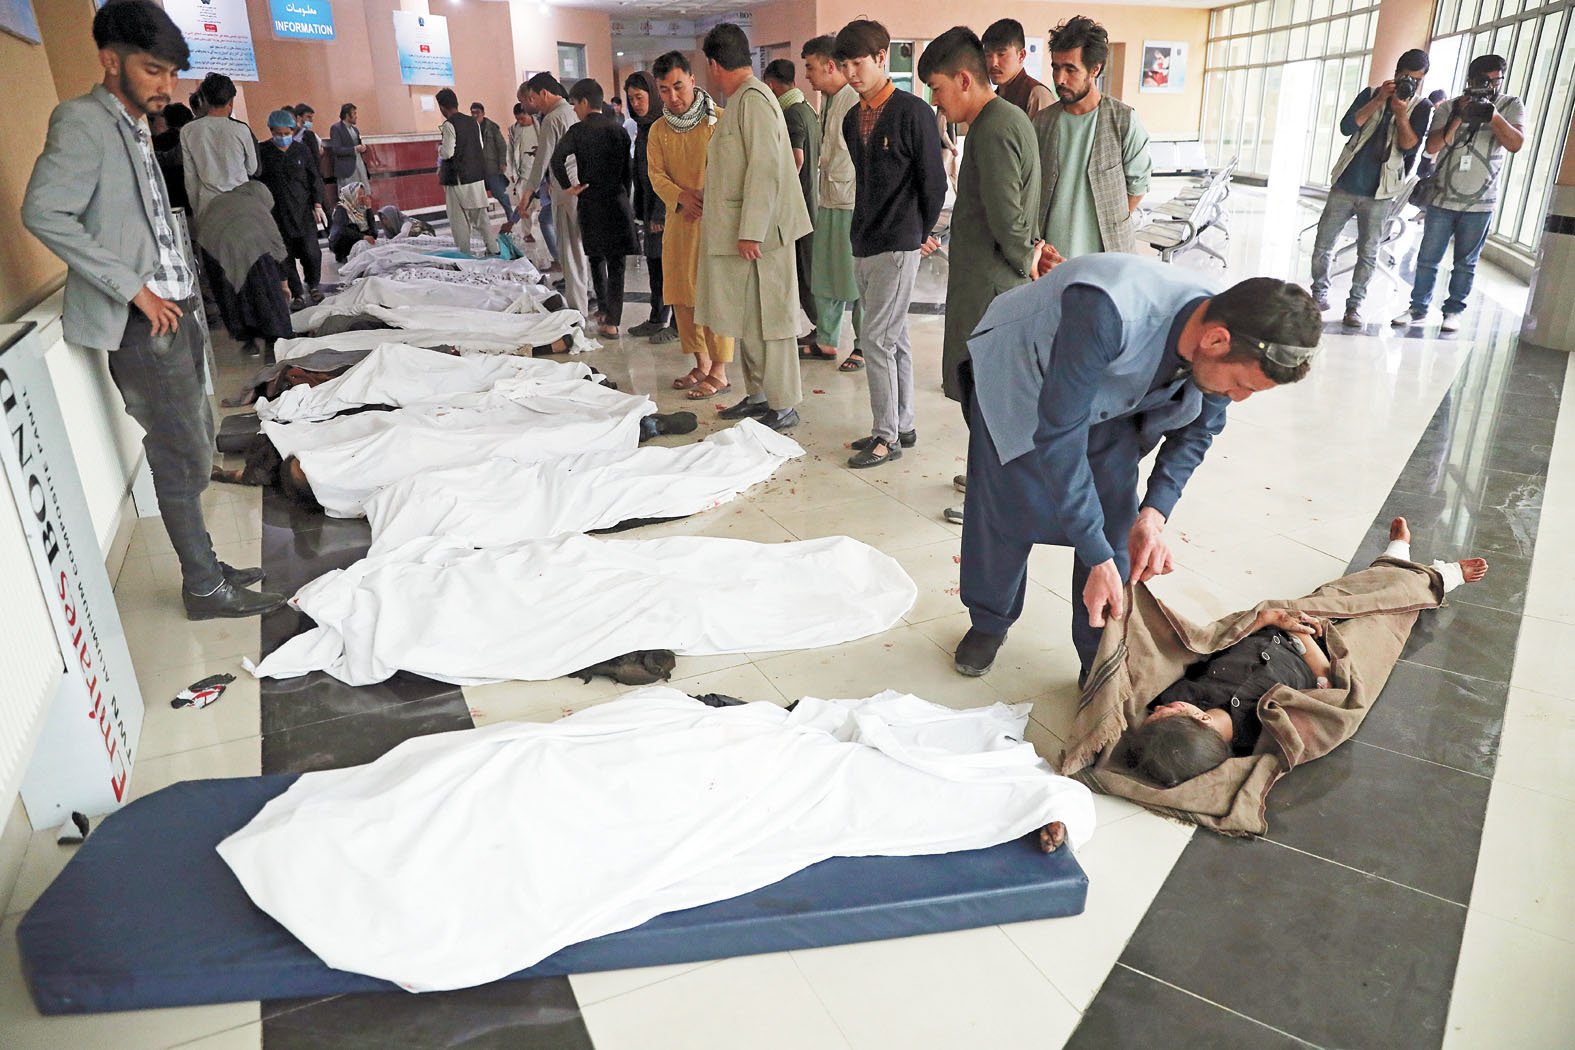 阿富汗首都喀布爾的一所學校外發生汽車爆炸,事發後,死亡者遺體被集中到一處。美聯社